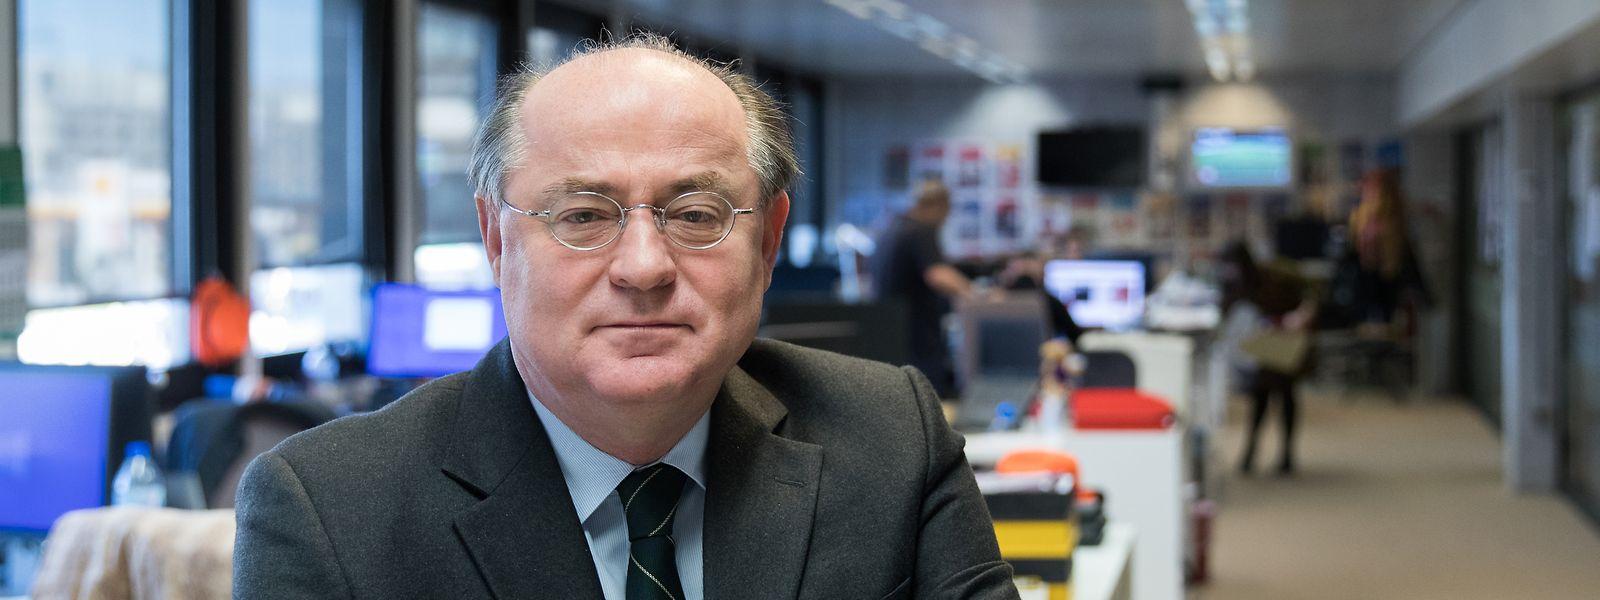 Laut Antonio Gamito, dem portugiesischen Botschafter in Luxemburg, ist die Situation nuancierter als sie scheint.